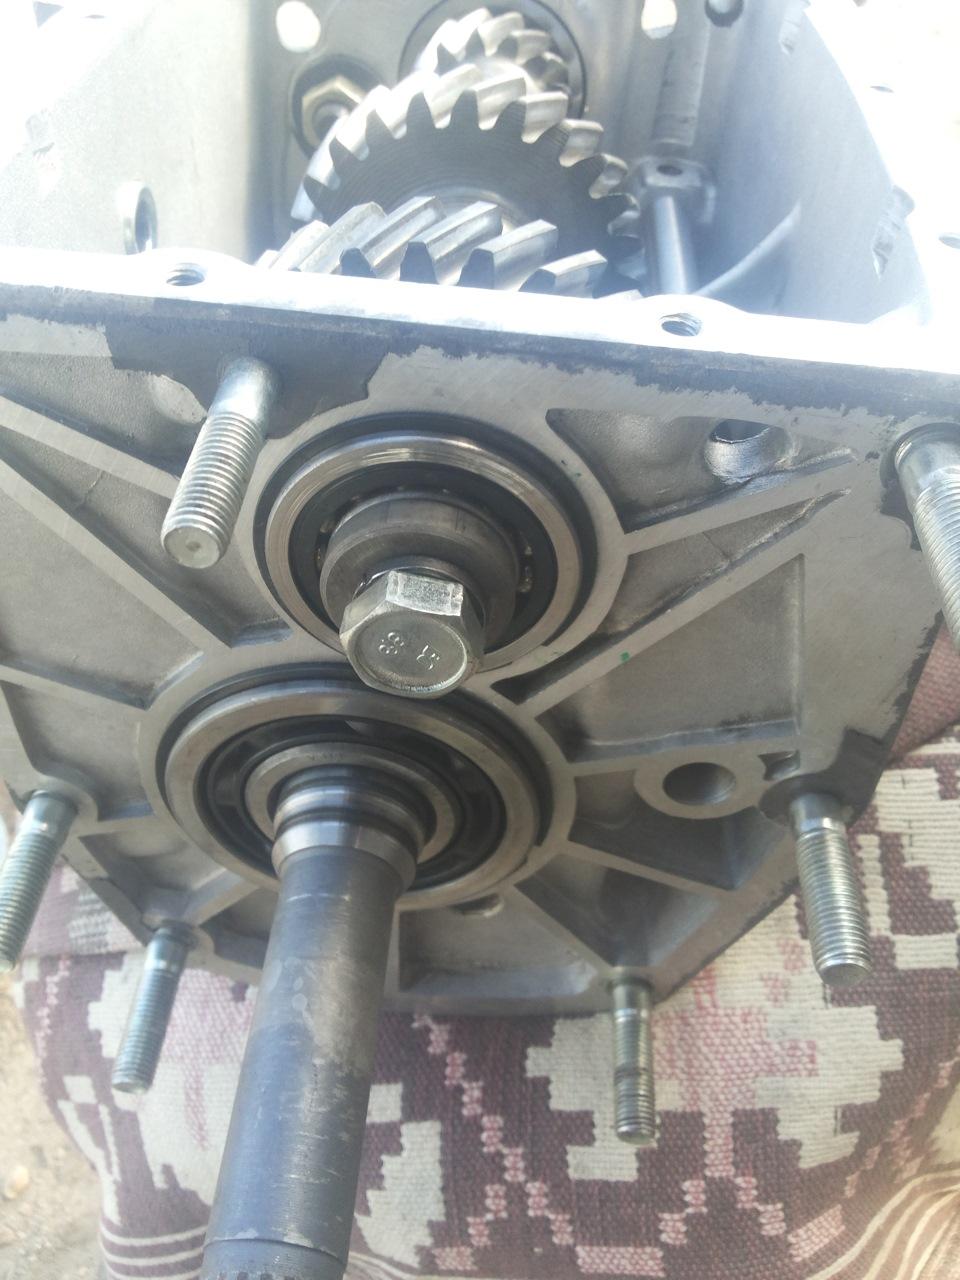 b5cb7f4s 960 - Схема коробки передач ваз 2107 5 ступка